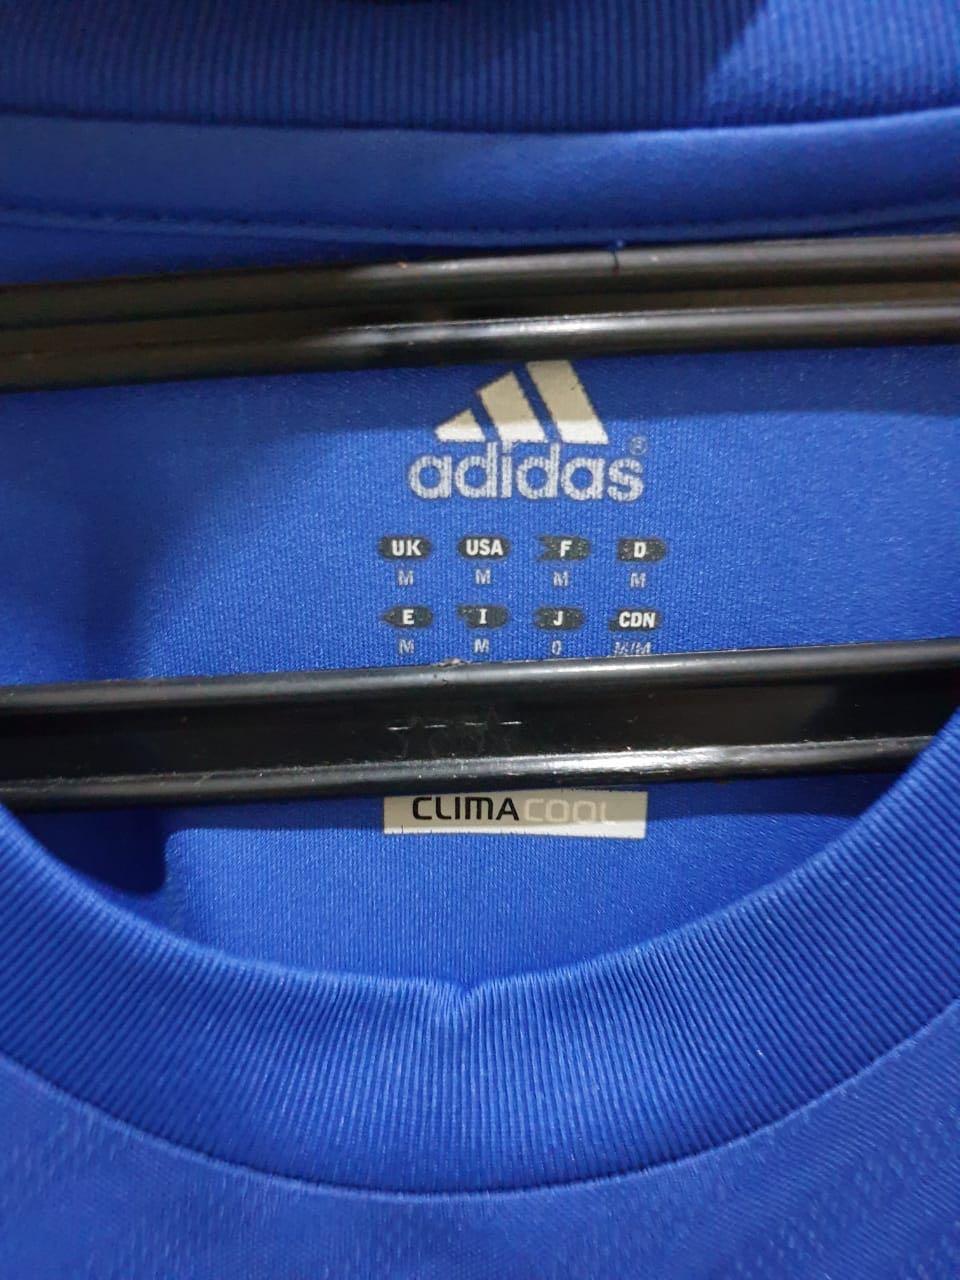 Chelsea home jersey, season 12-13, Long Sleeve